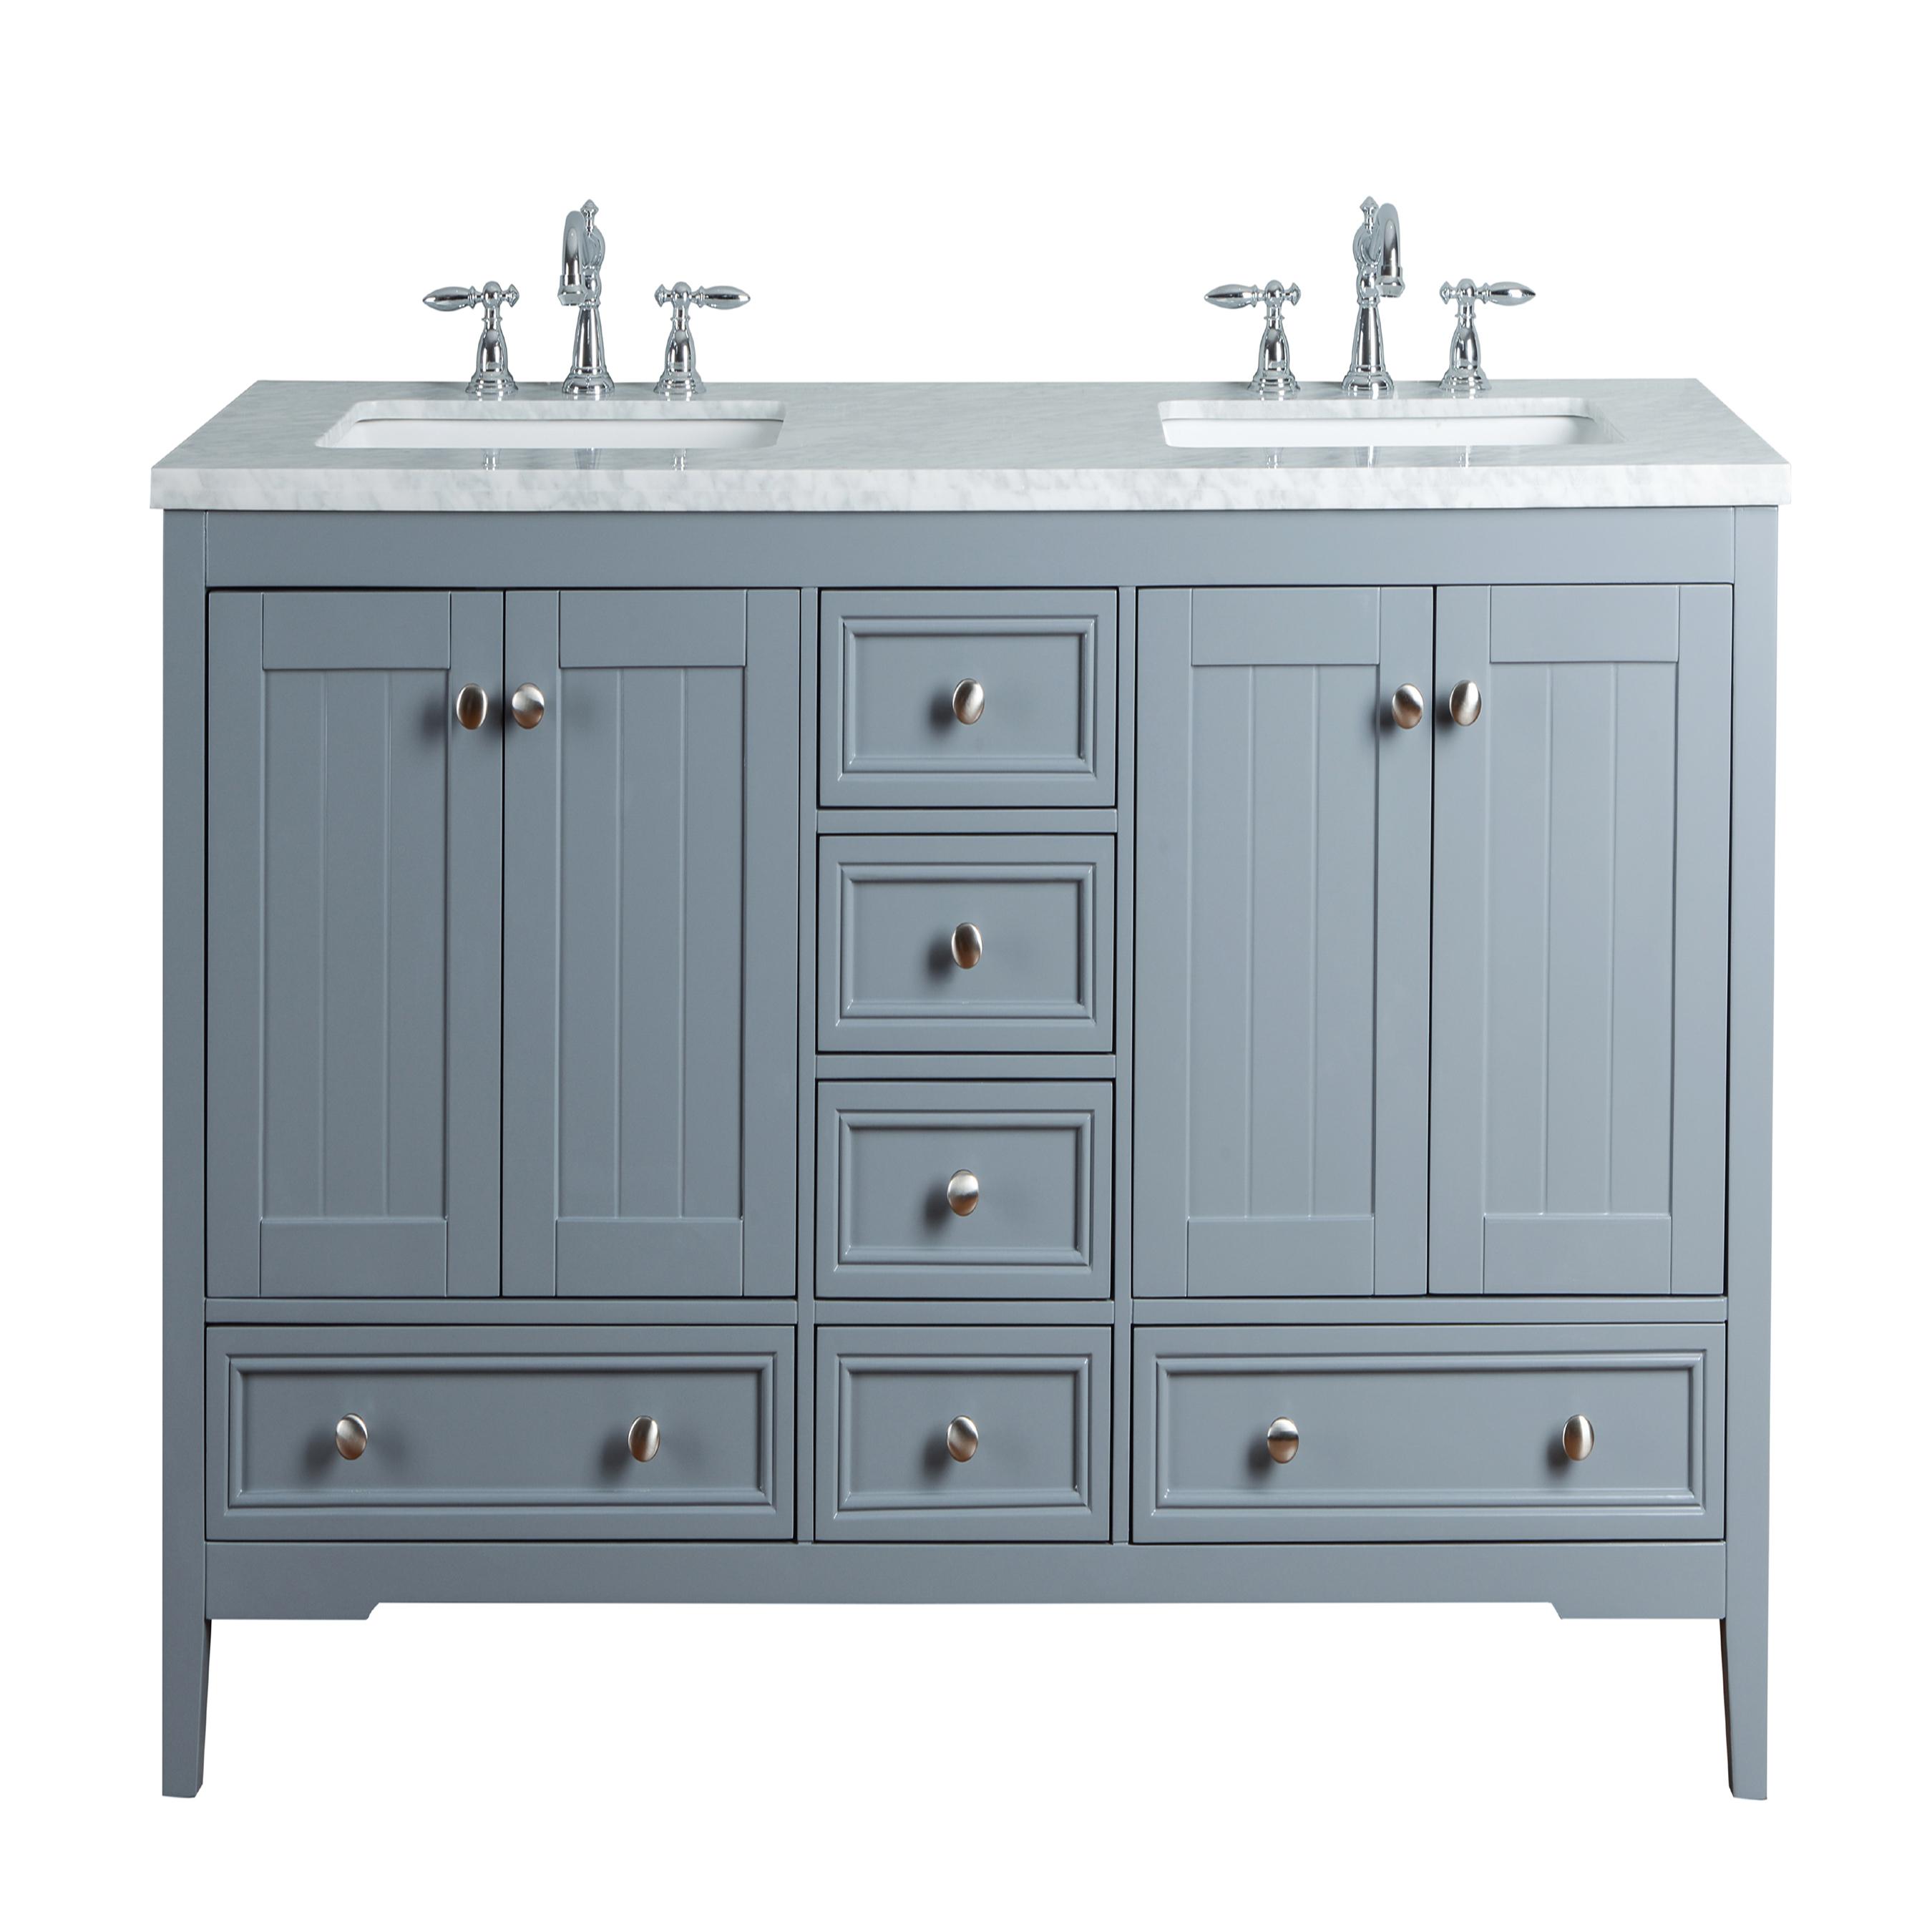 Yorker Double Sink Bathroom Vanity Grey New